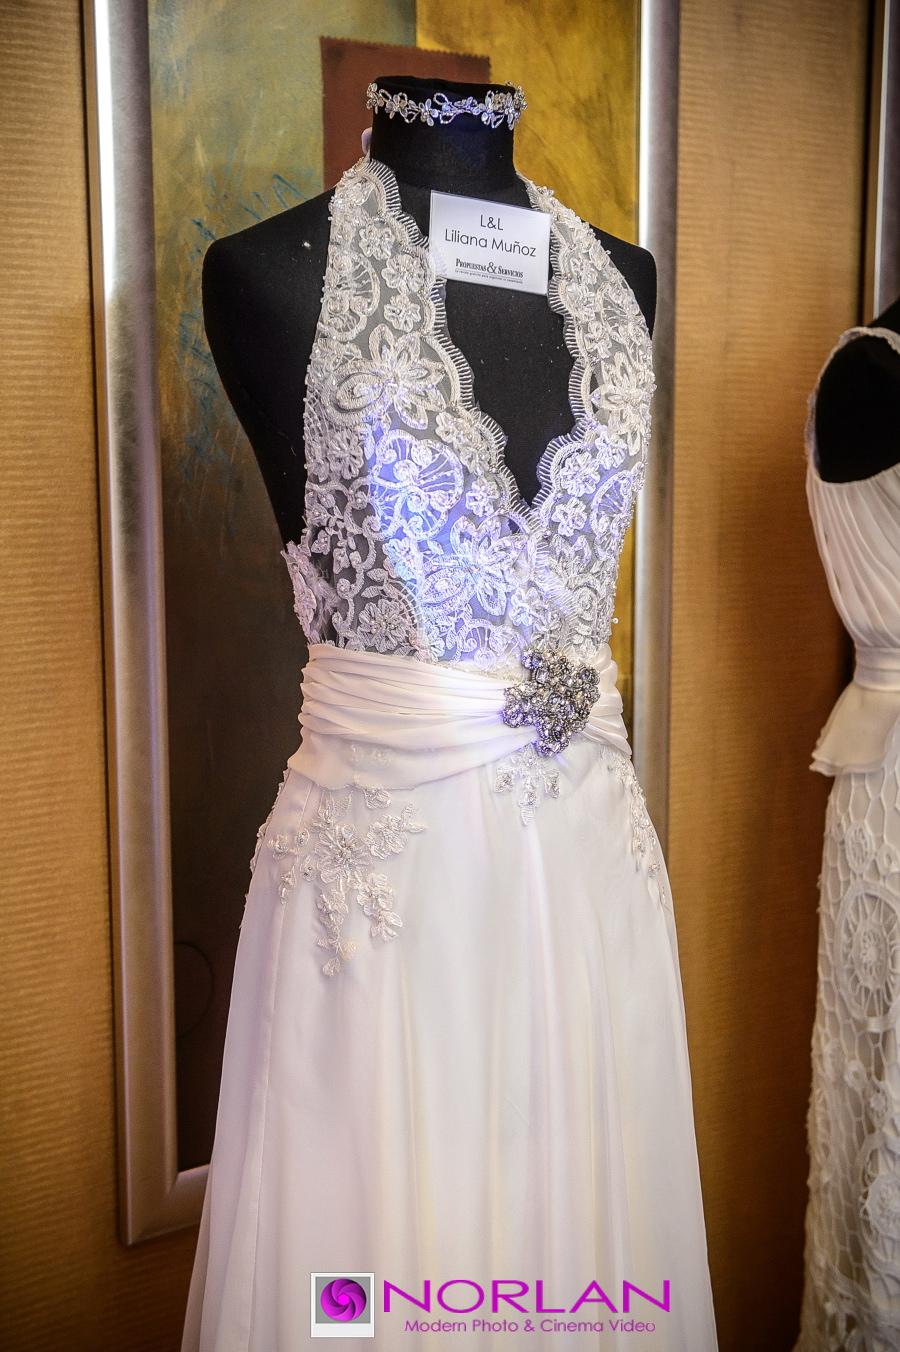 0026 -fotos norlanestudio-modern photo-fotos en buenos aires- fotos de novias en buenos aires-fotos de vestidos de novias en buenos aires